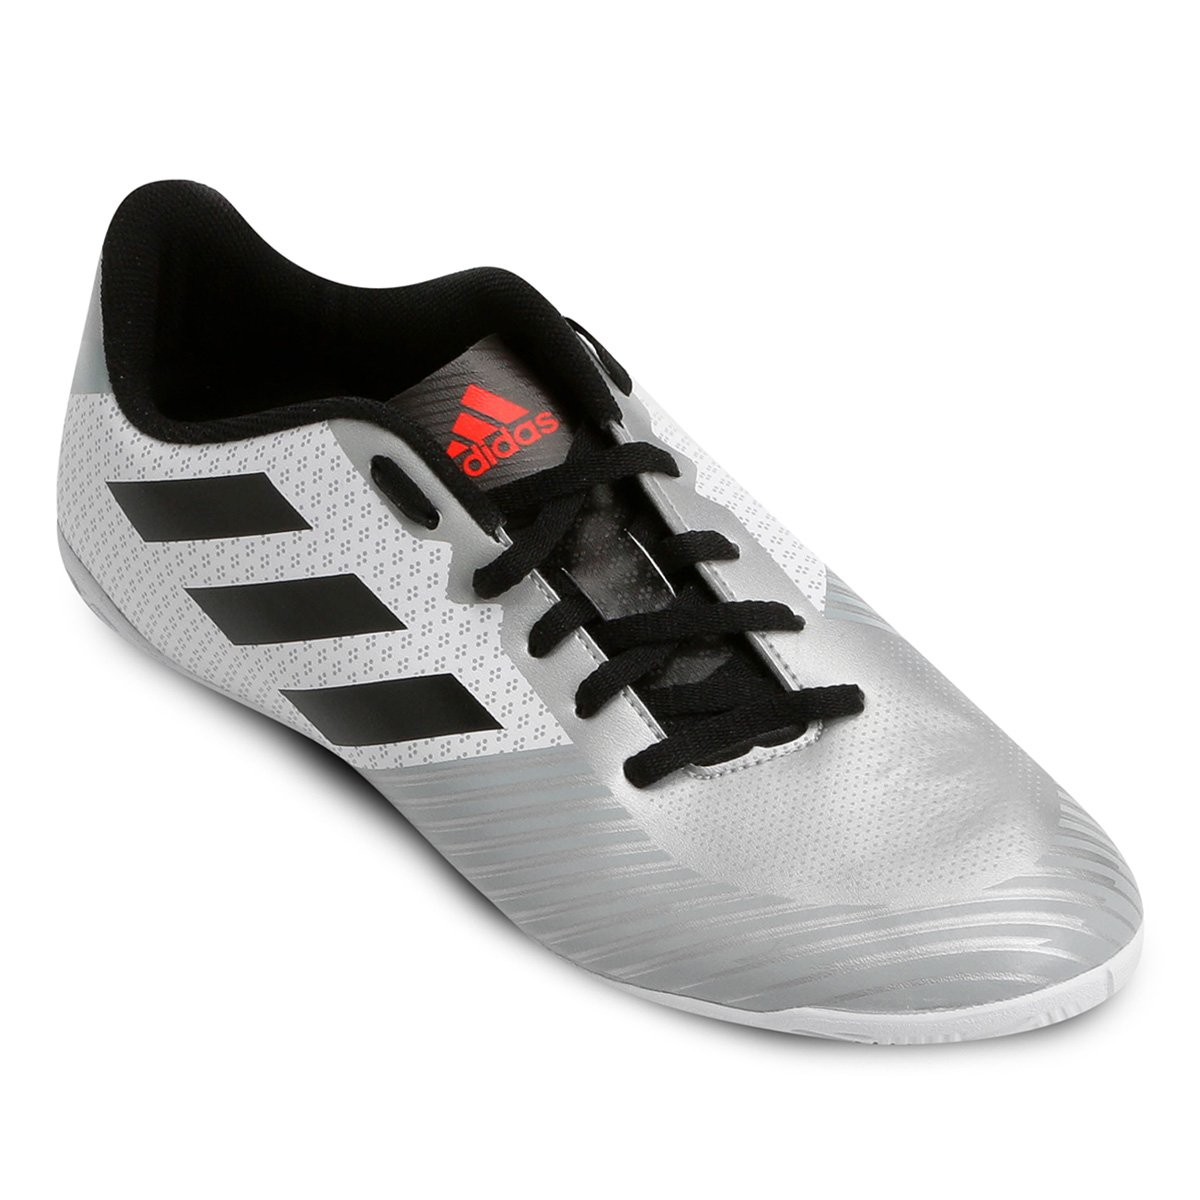 Chuteira Futsal Adidas Artilheira 18 IN - Branco e Preto - Compre ... 2837ec70a0bb5